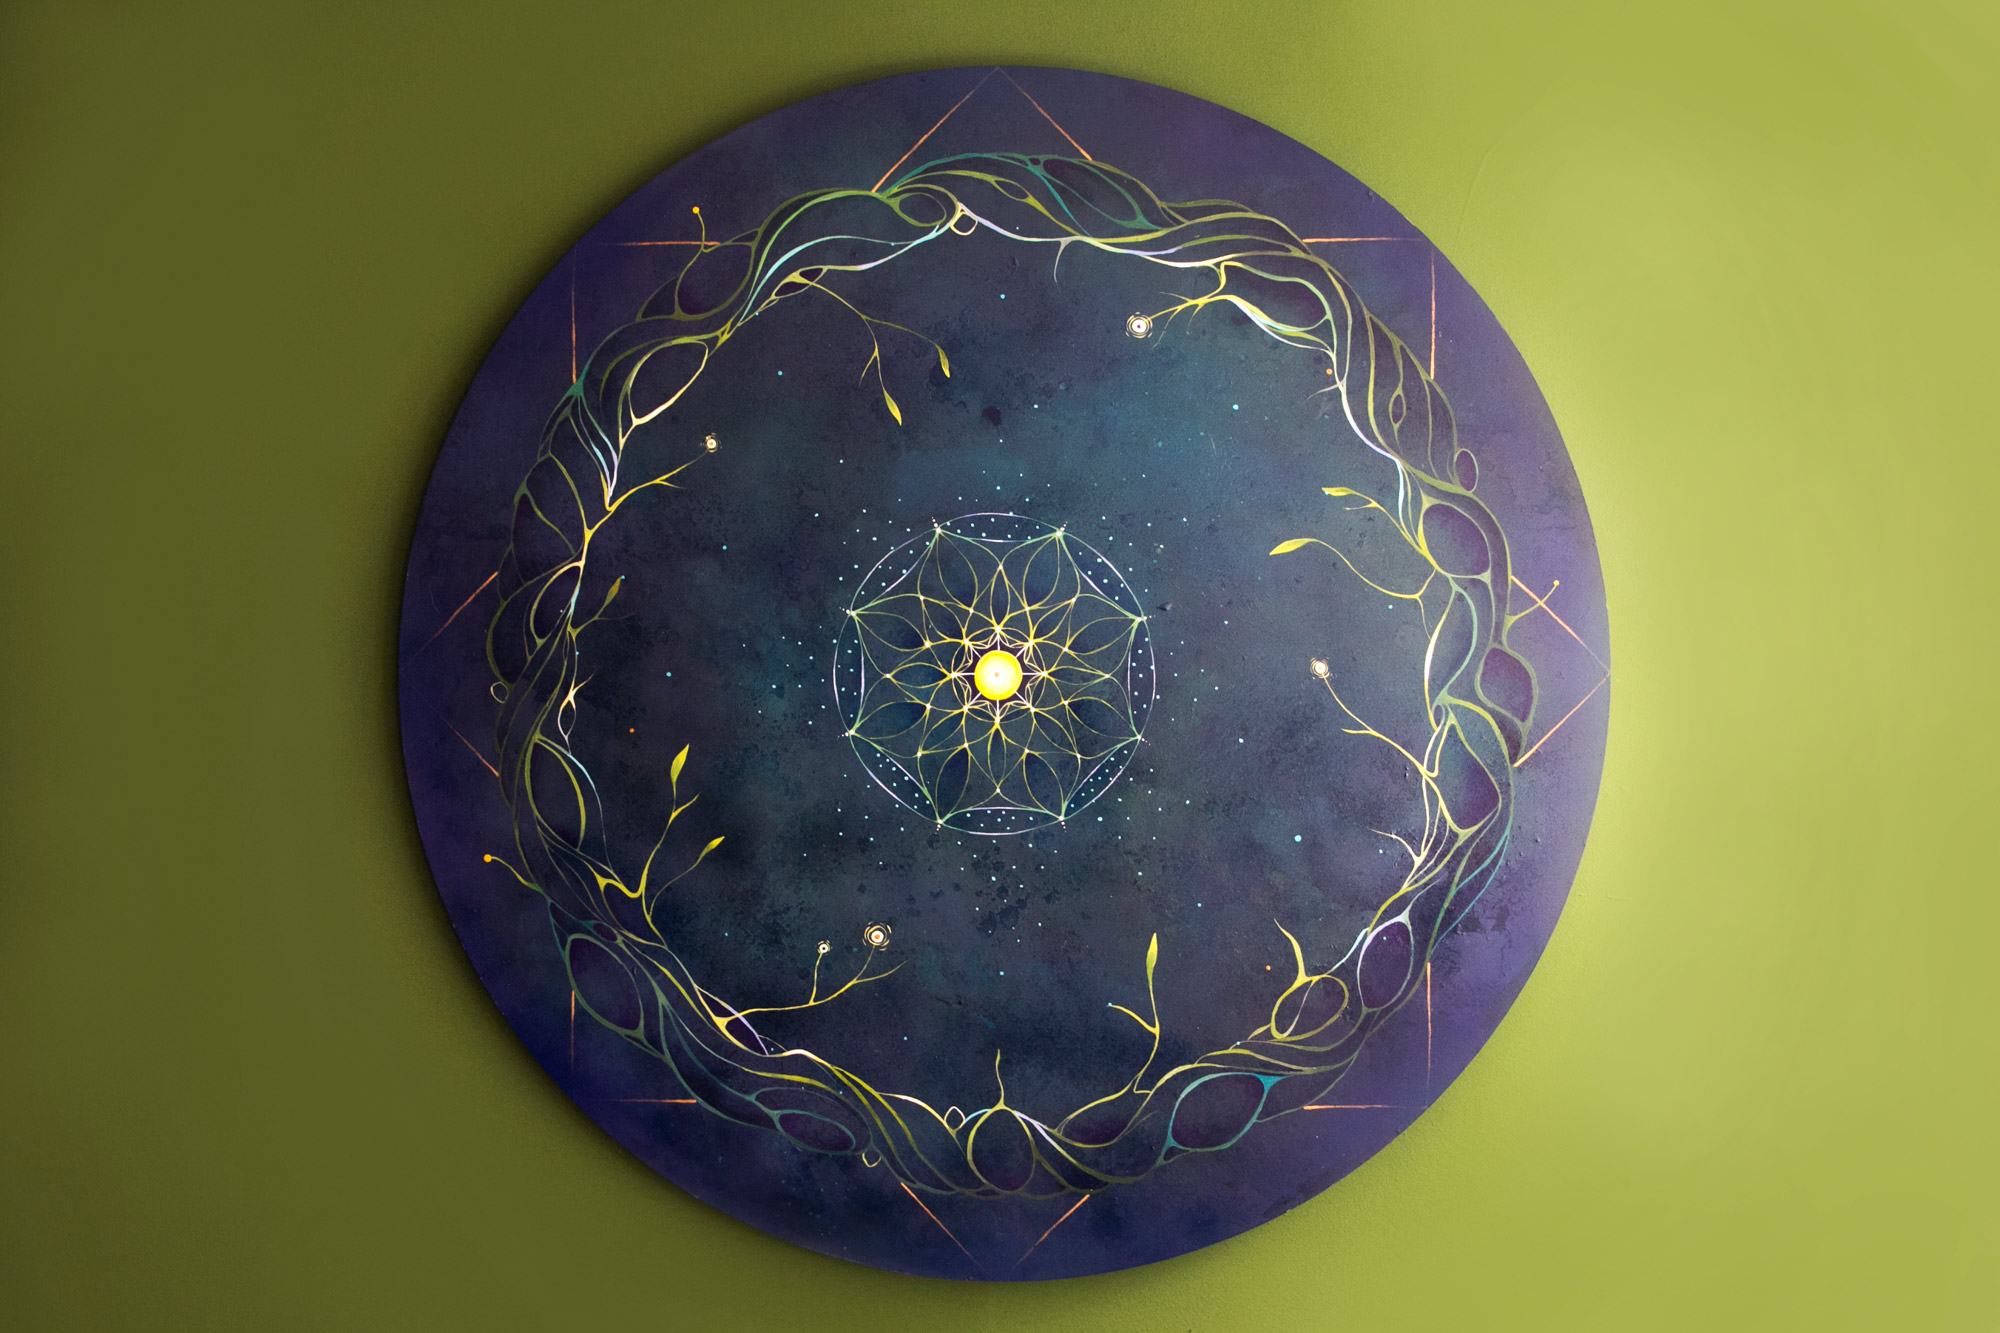 La estrella de la abundancia. Acrílico sobre madera / 120 x 120 cm.